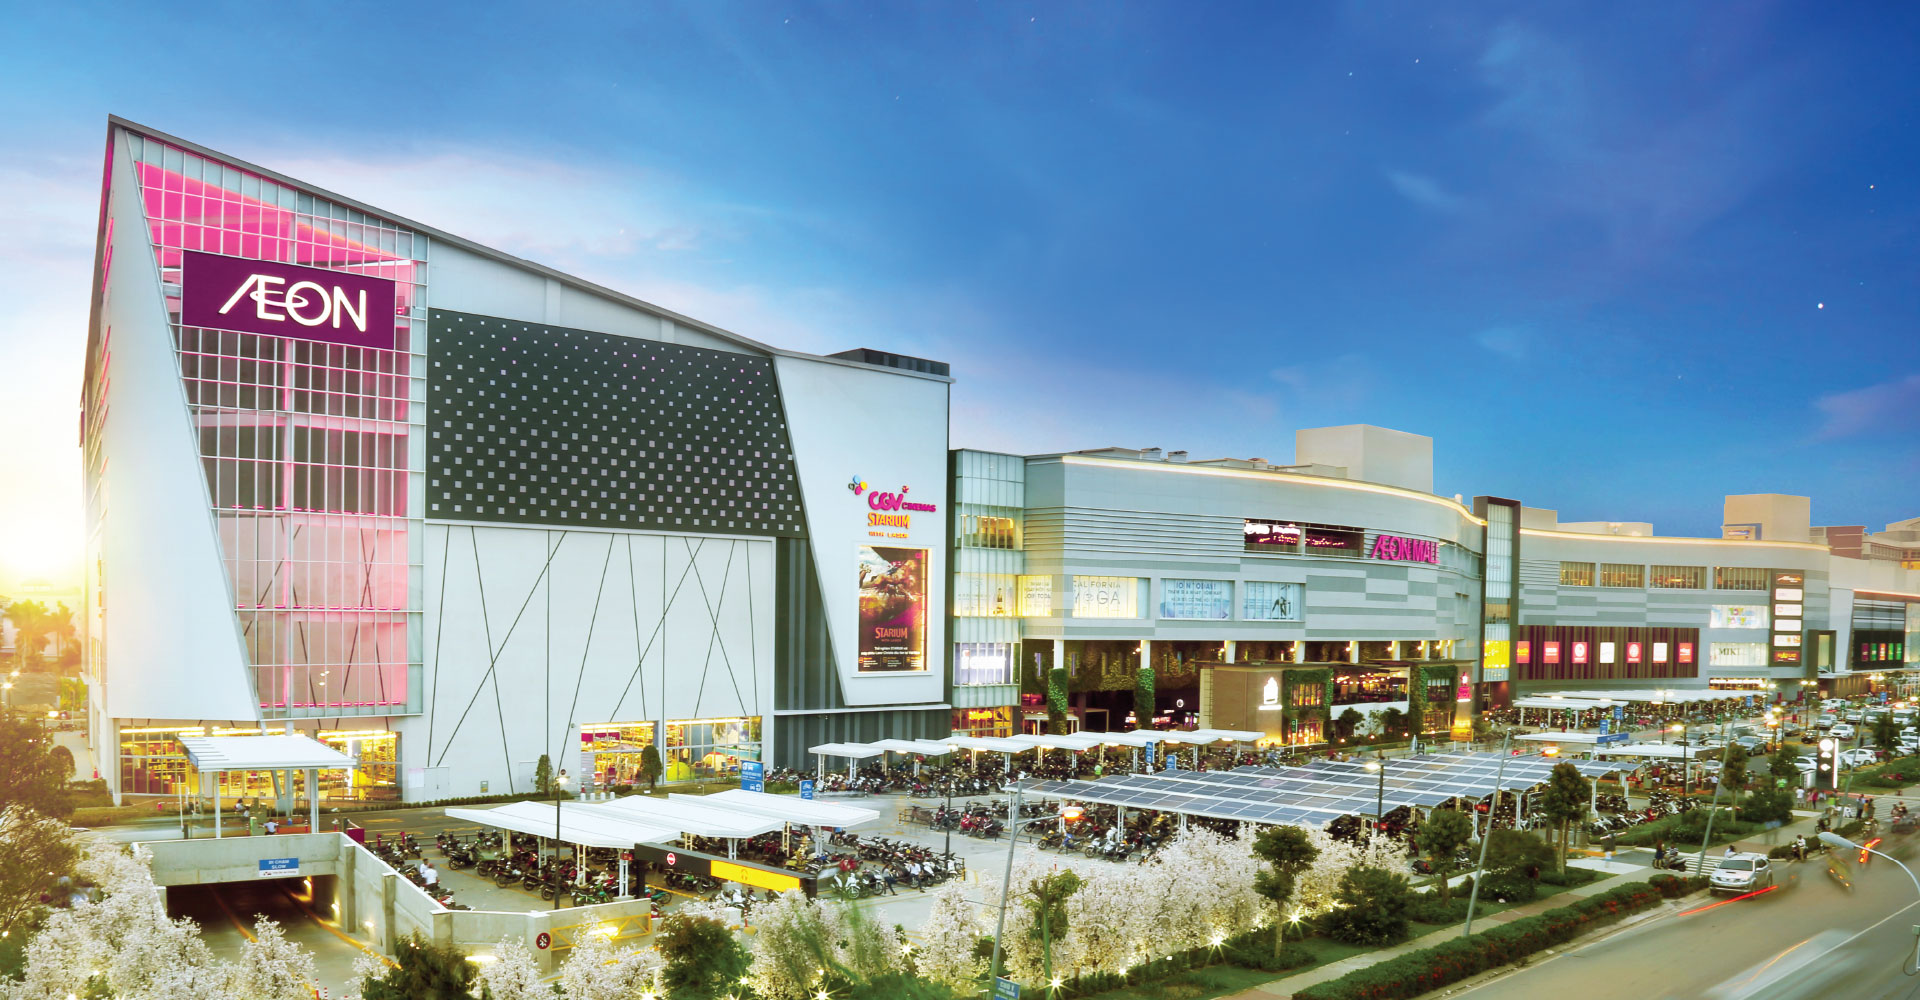 Đại siêu thị Aeon Mall Nhật Bản ngay cạnh dự án Moonlight Park View quận Bình Tân